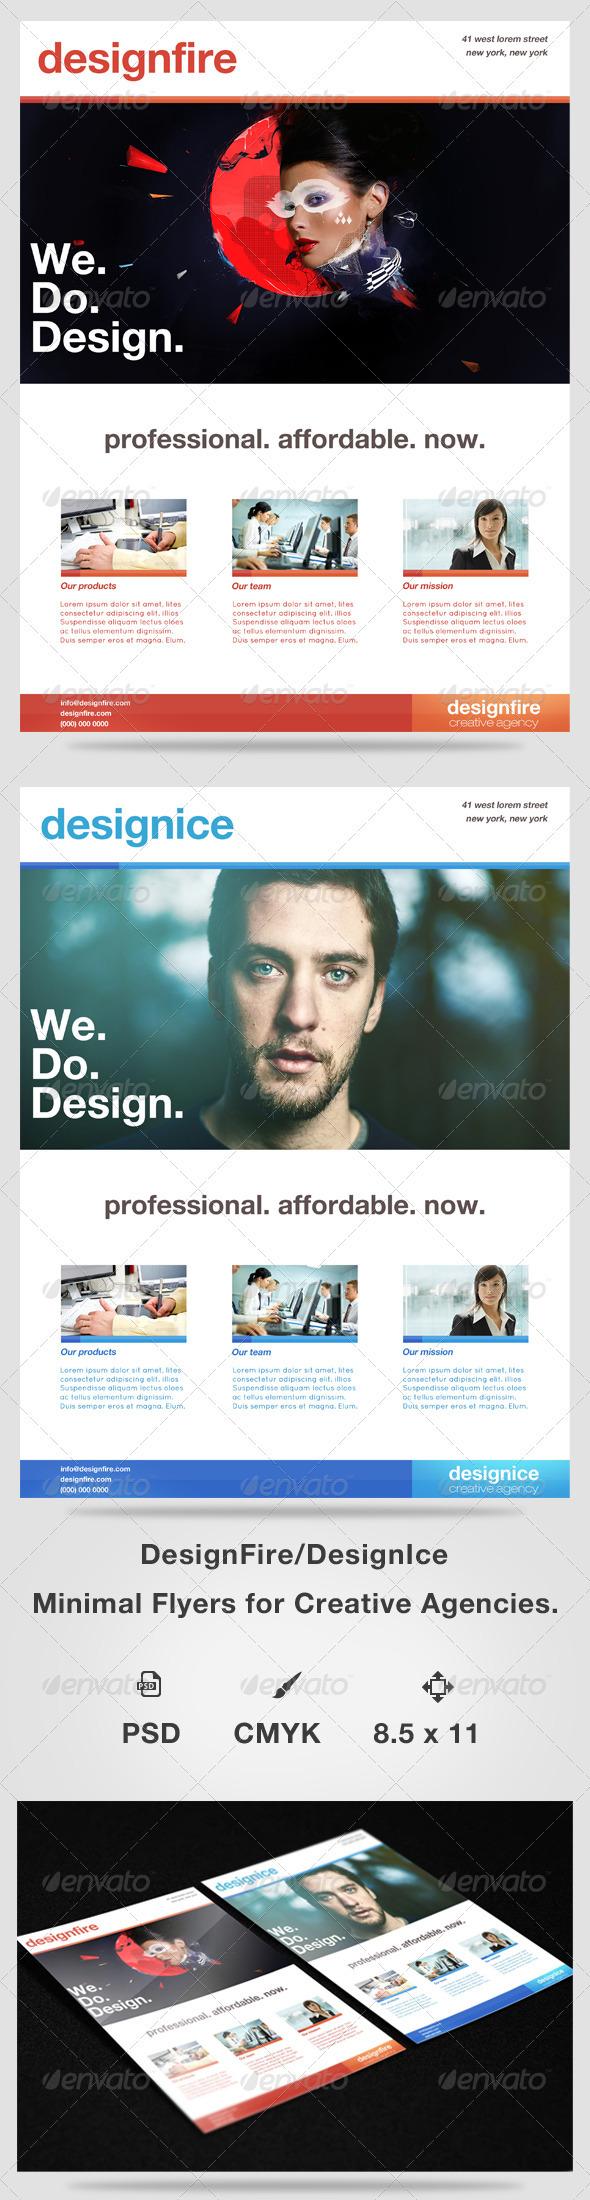 DesignFire/ DesignIce Minimal Flyers - Corporate Flyers